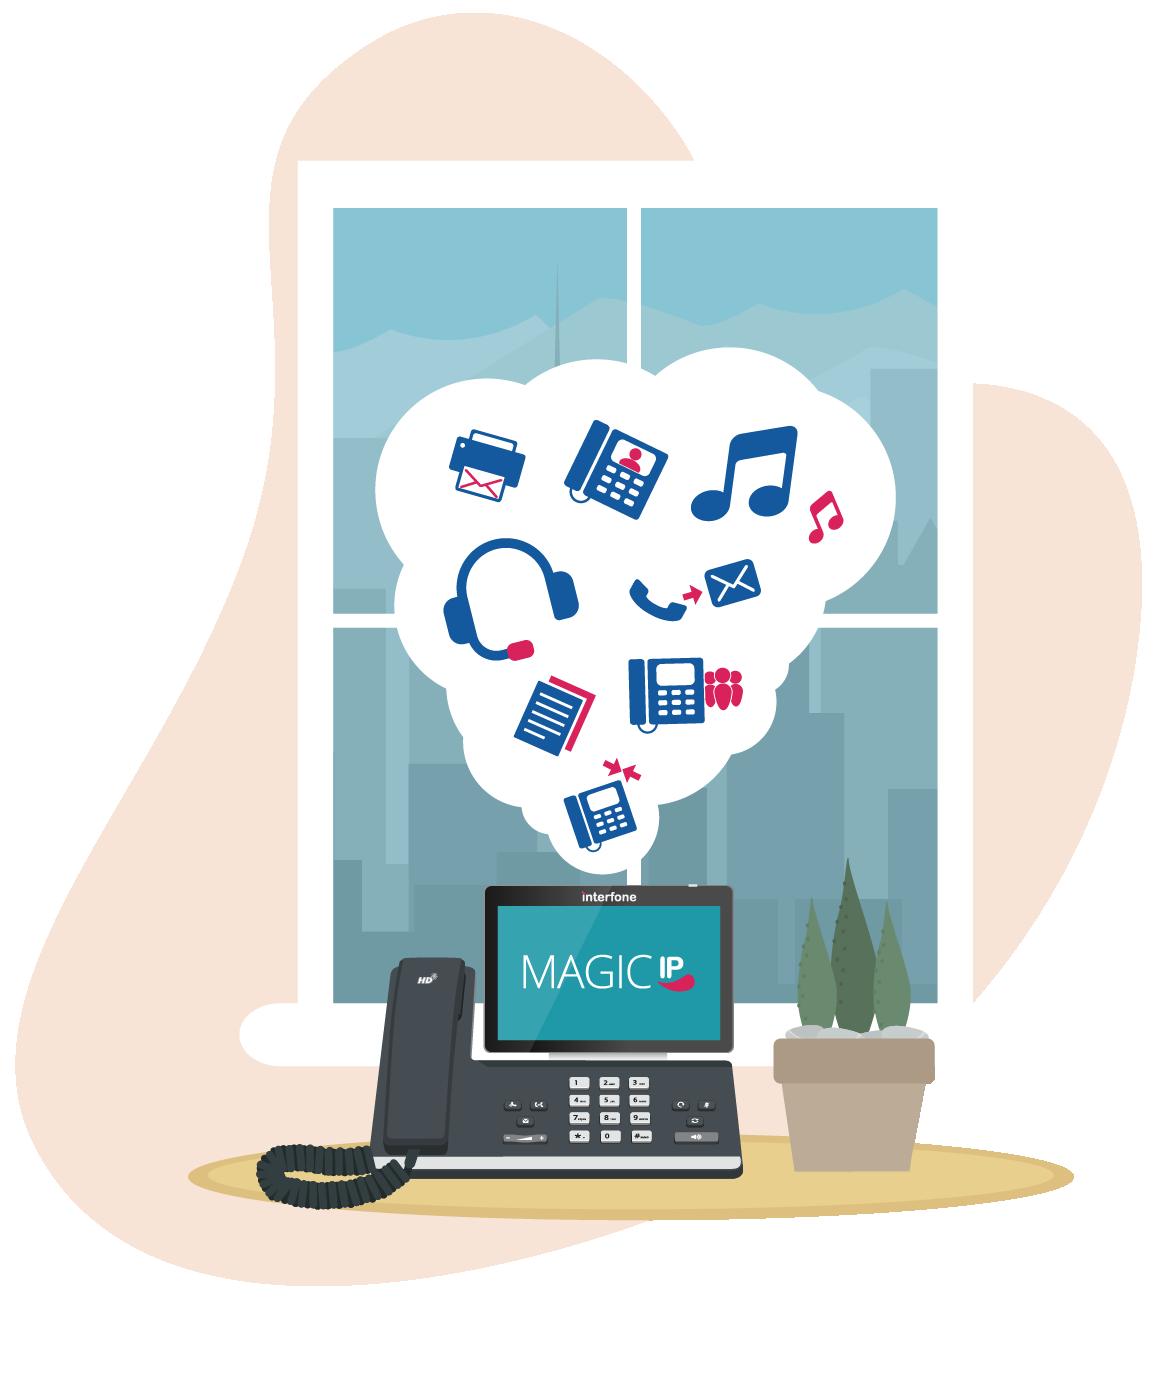 Interfone site magic ip copie 1